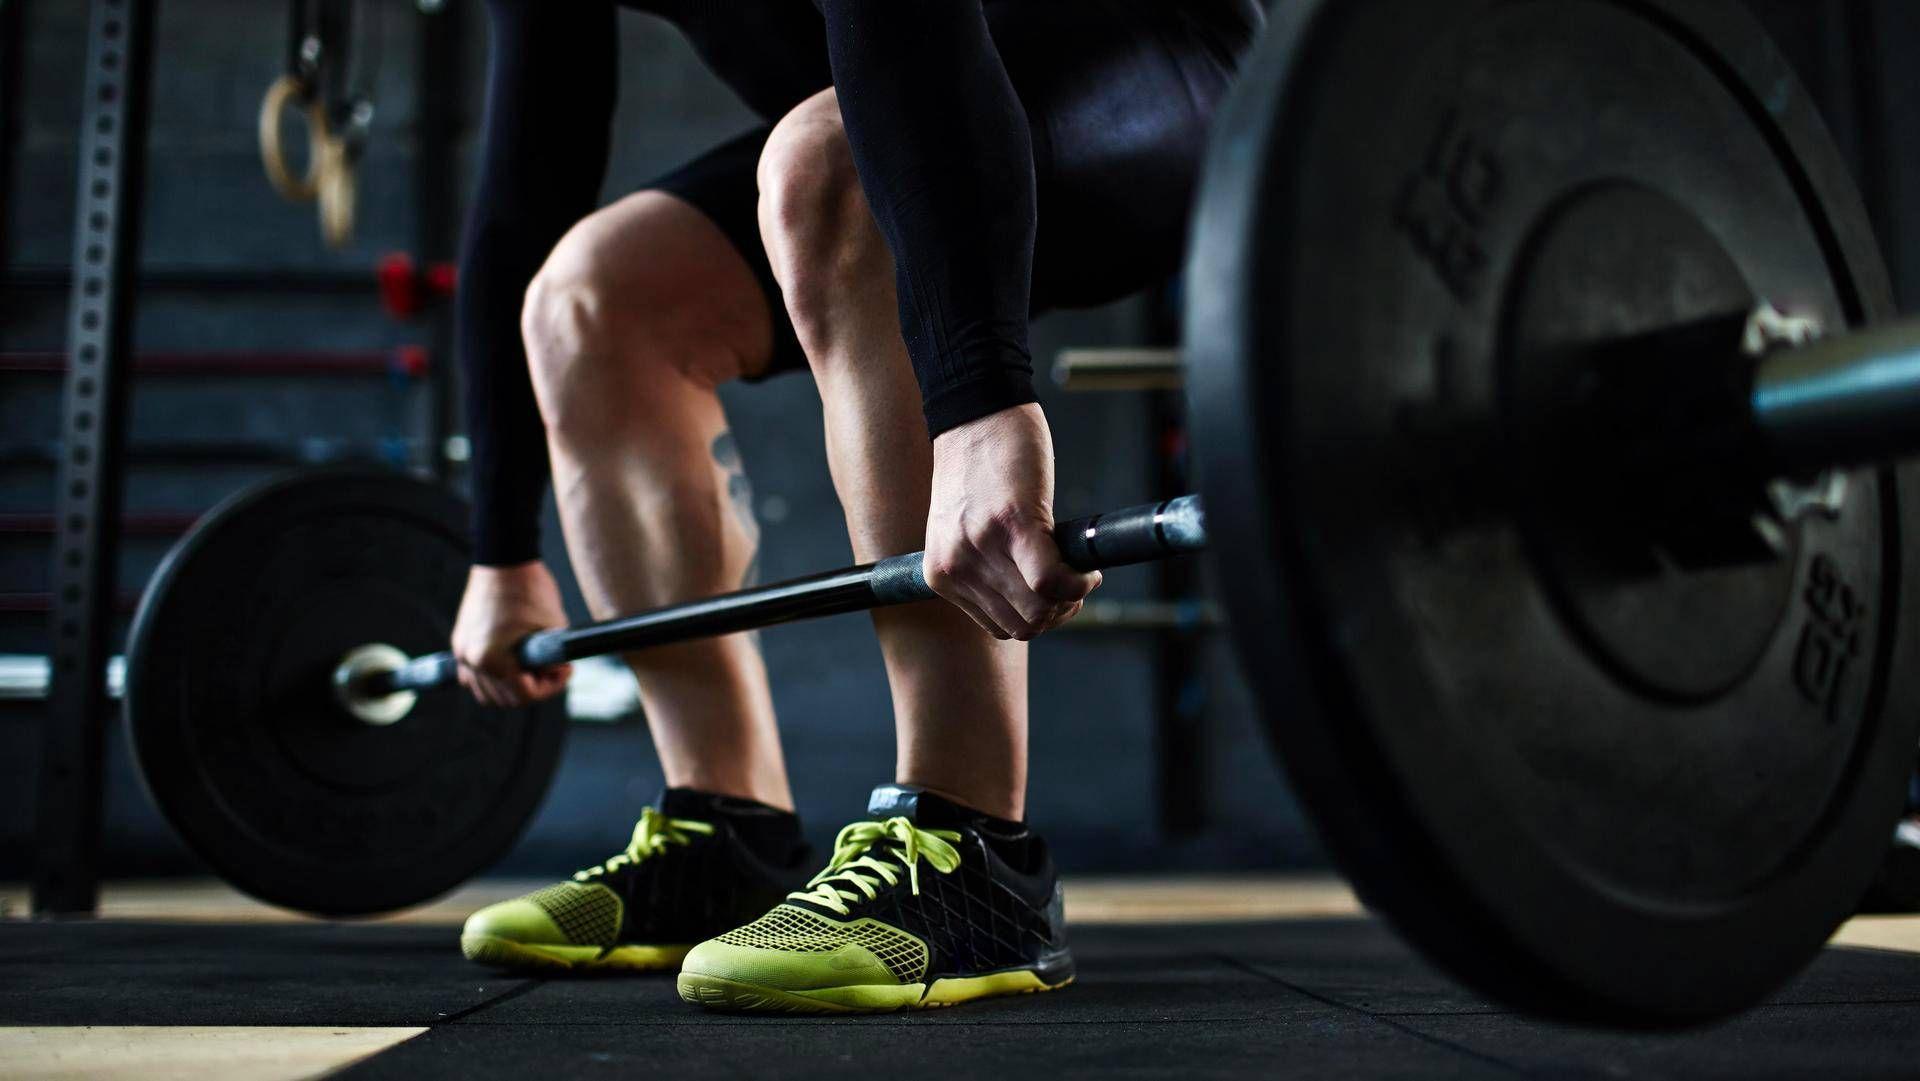 Vaikka et olisi erityisen sporttinen tyyppi, lihaskunnosta kannattaa alkaa pitää huolta viimeistään keski-iässä. Muuten käy köpelösti.